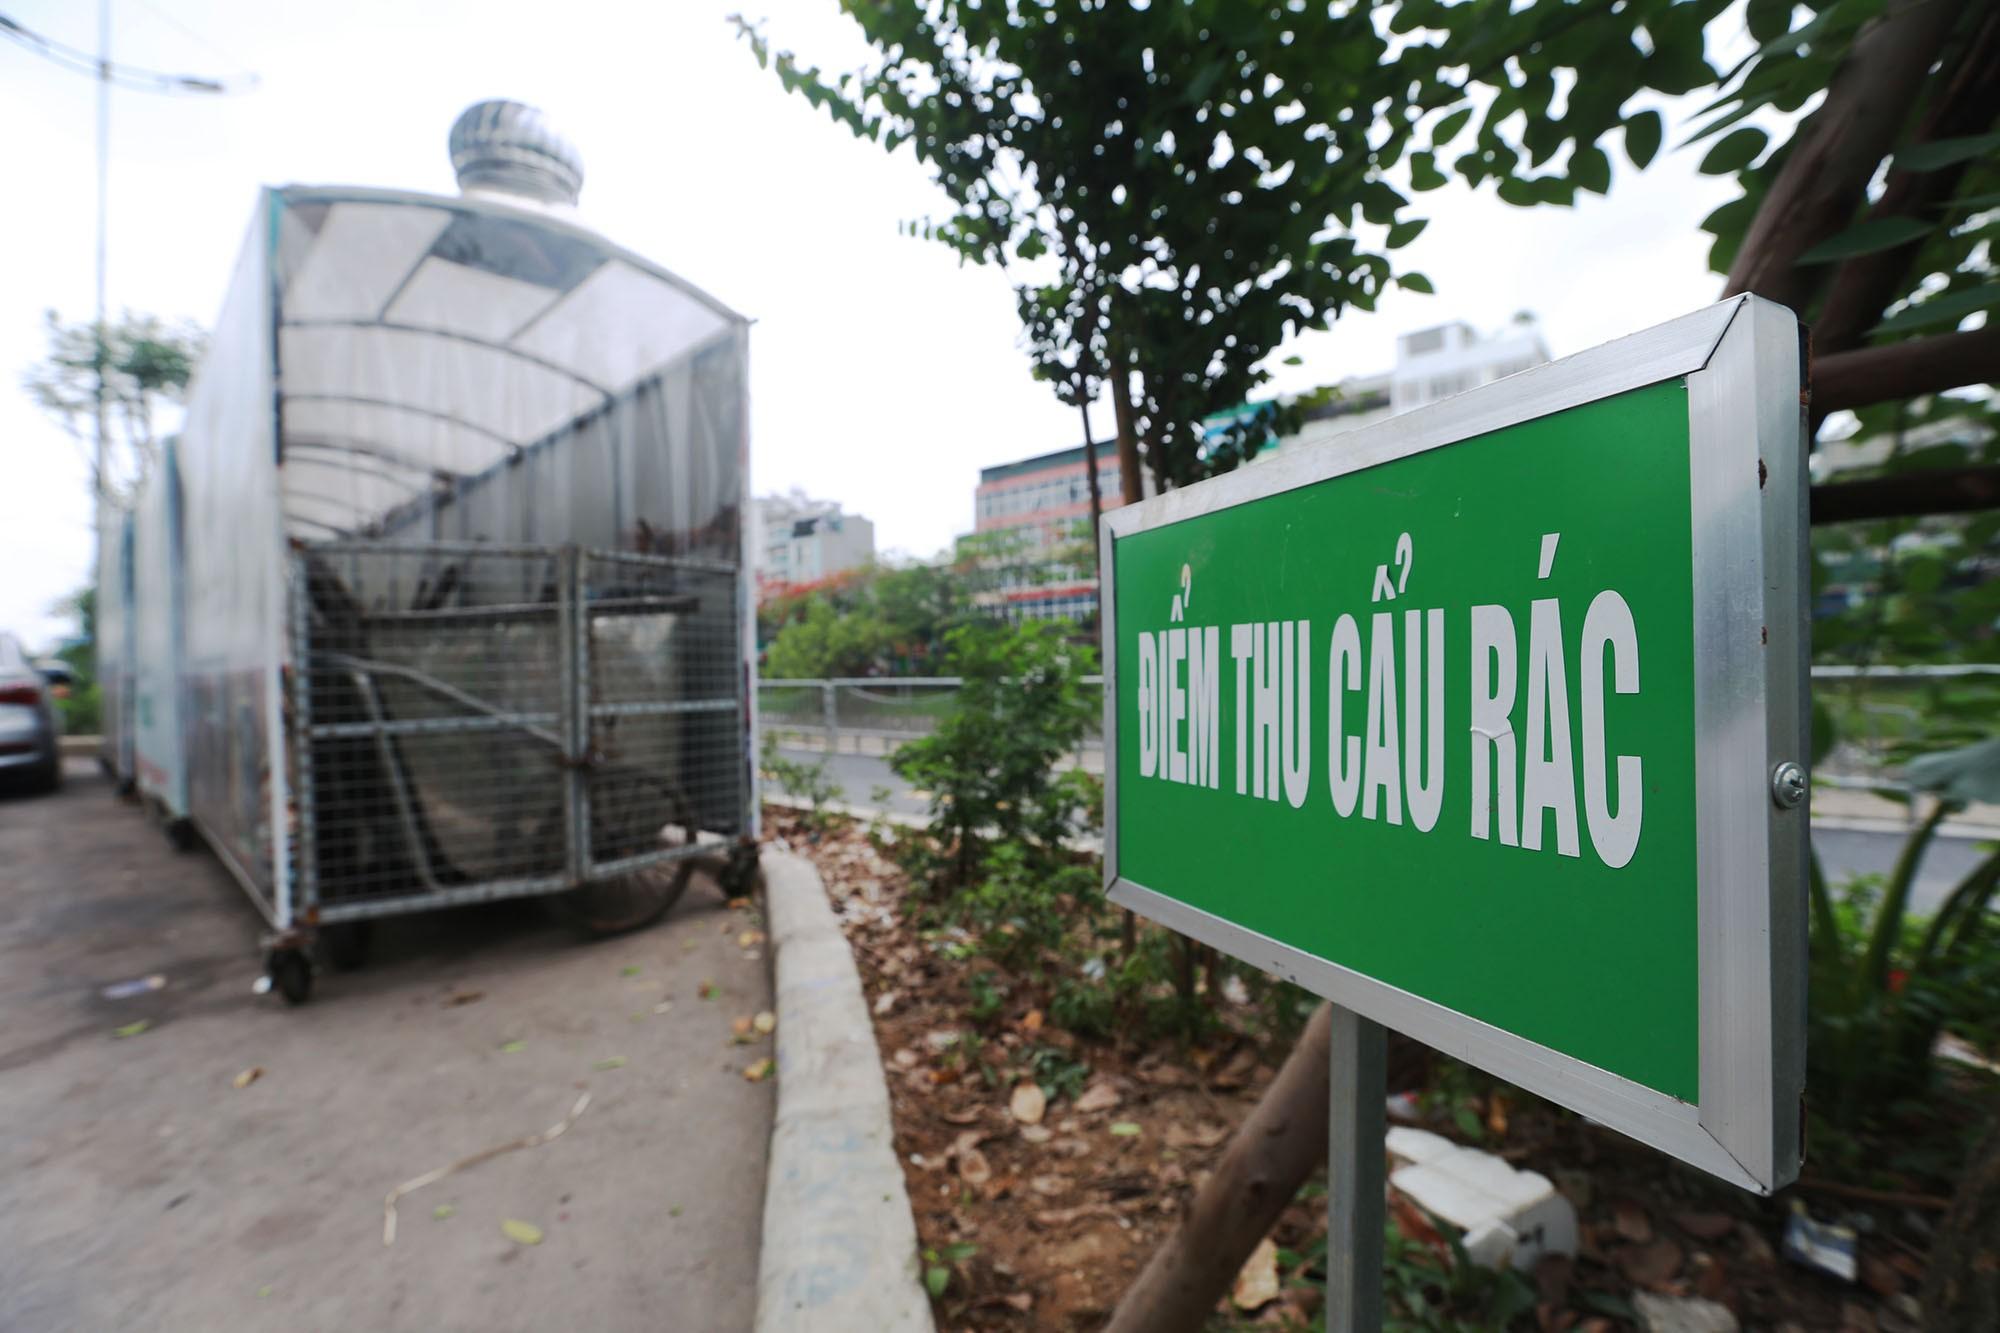 Hà Nội: Nhiều tuyến đường trang bị nhà ở di động cho xe đẩy rác - Ảnh 2.